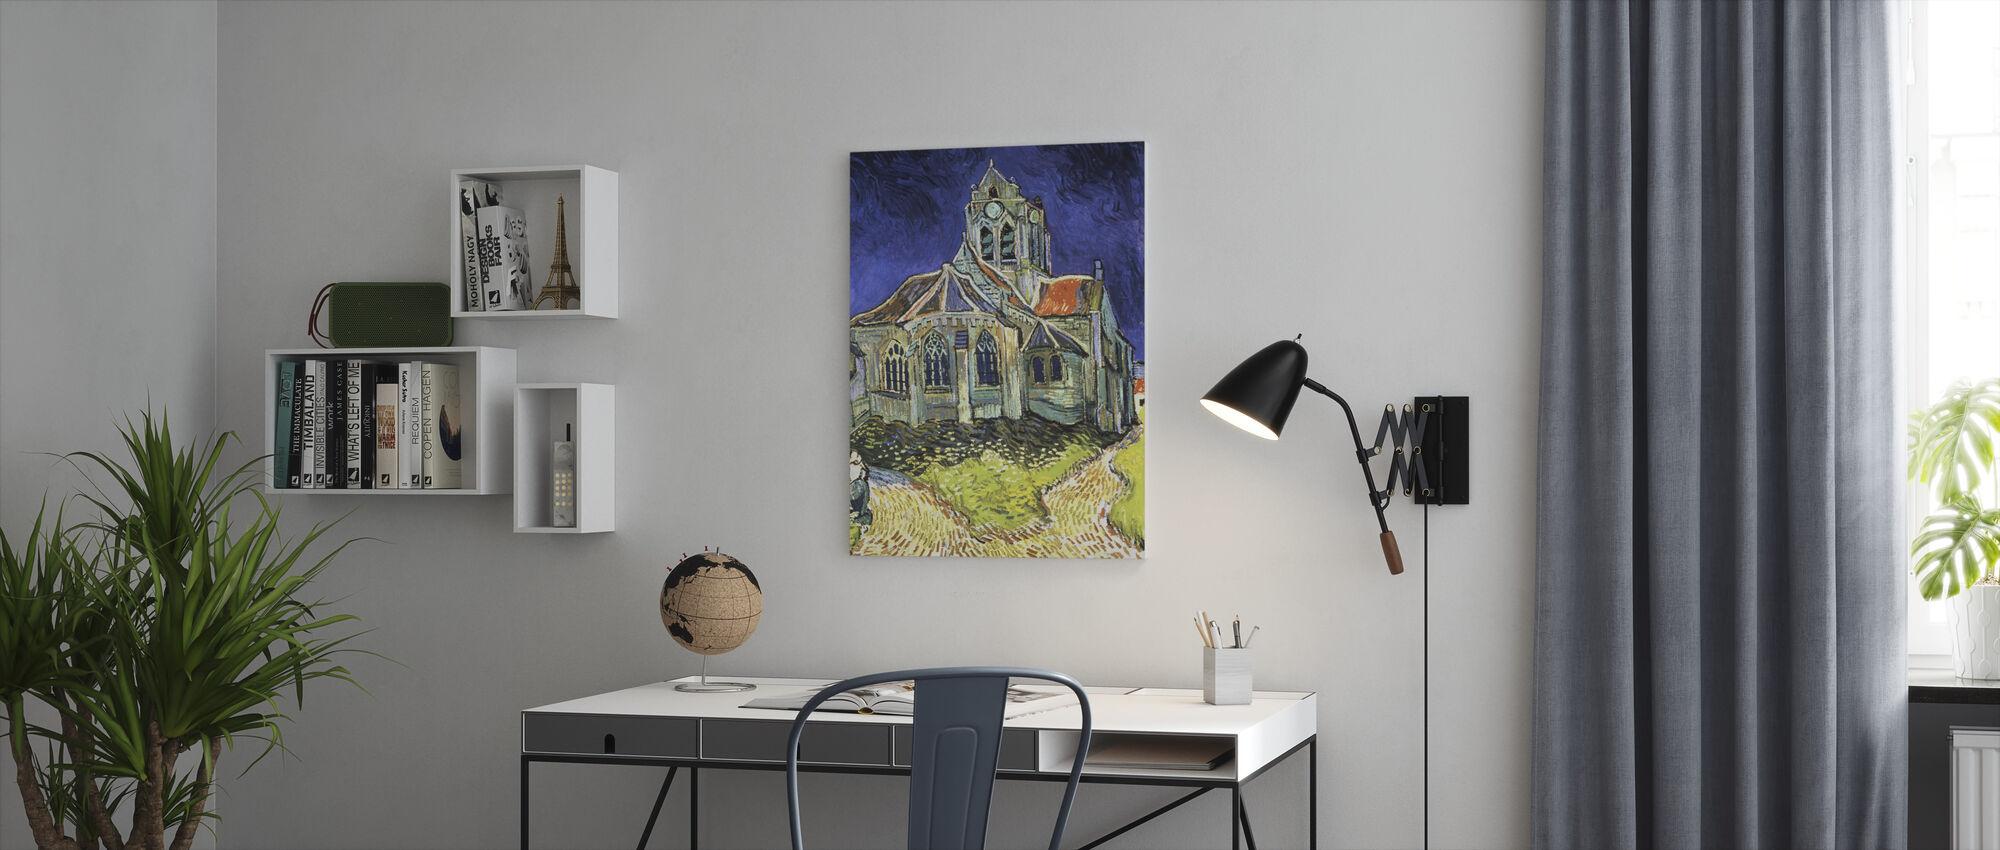 Church at Auvers-sur-Oise - Vincent van Gogh - Canvas print - Office